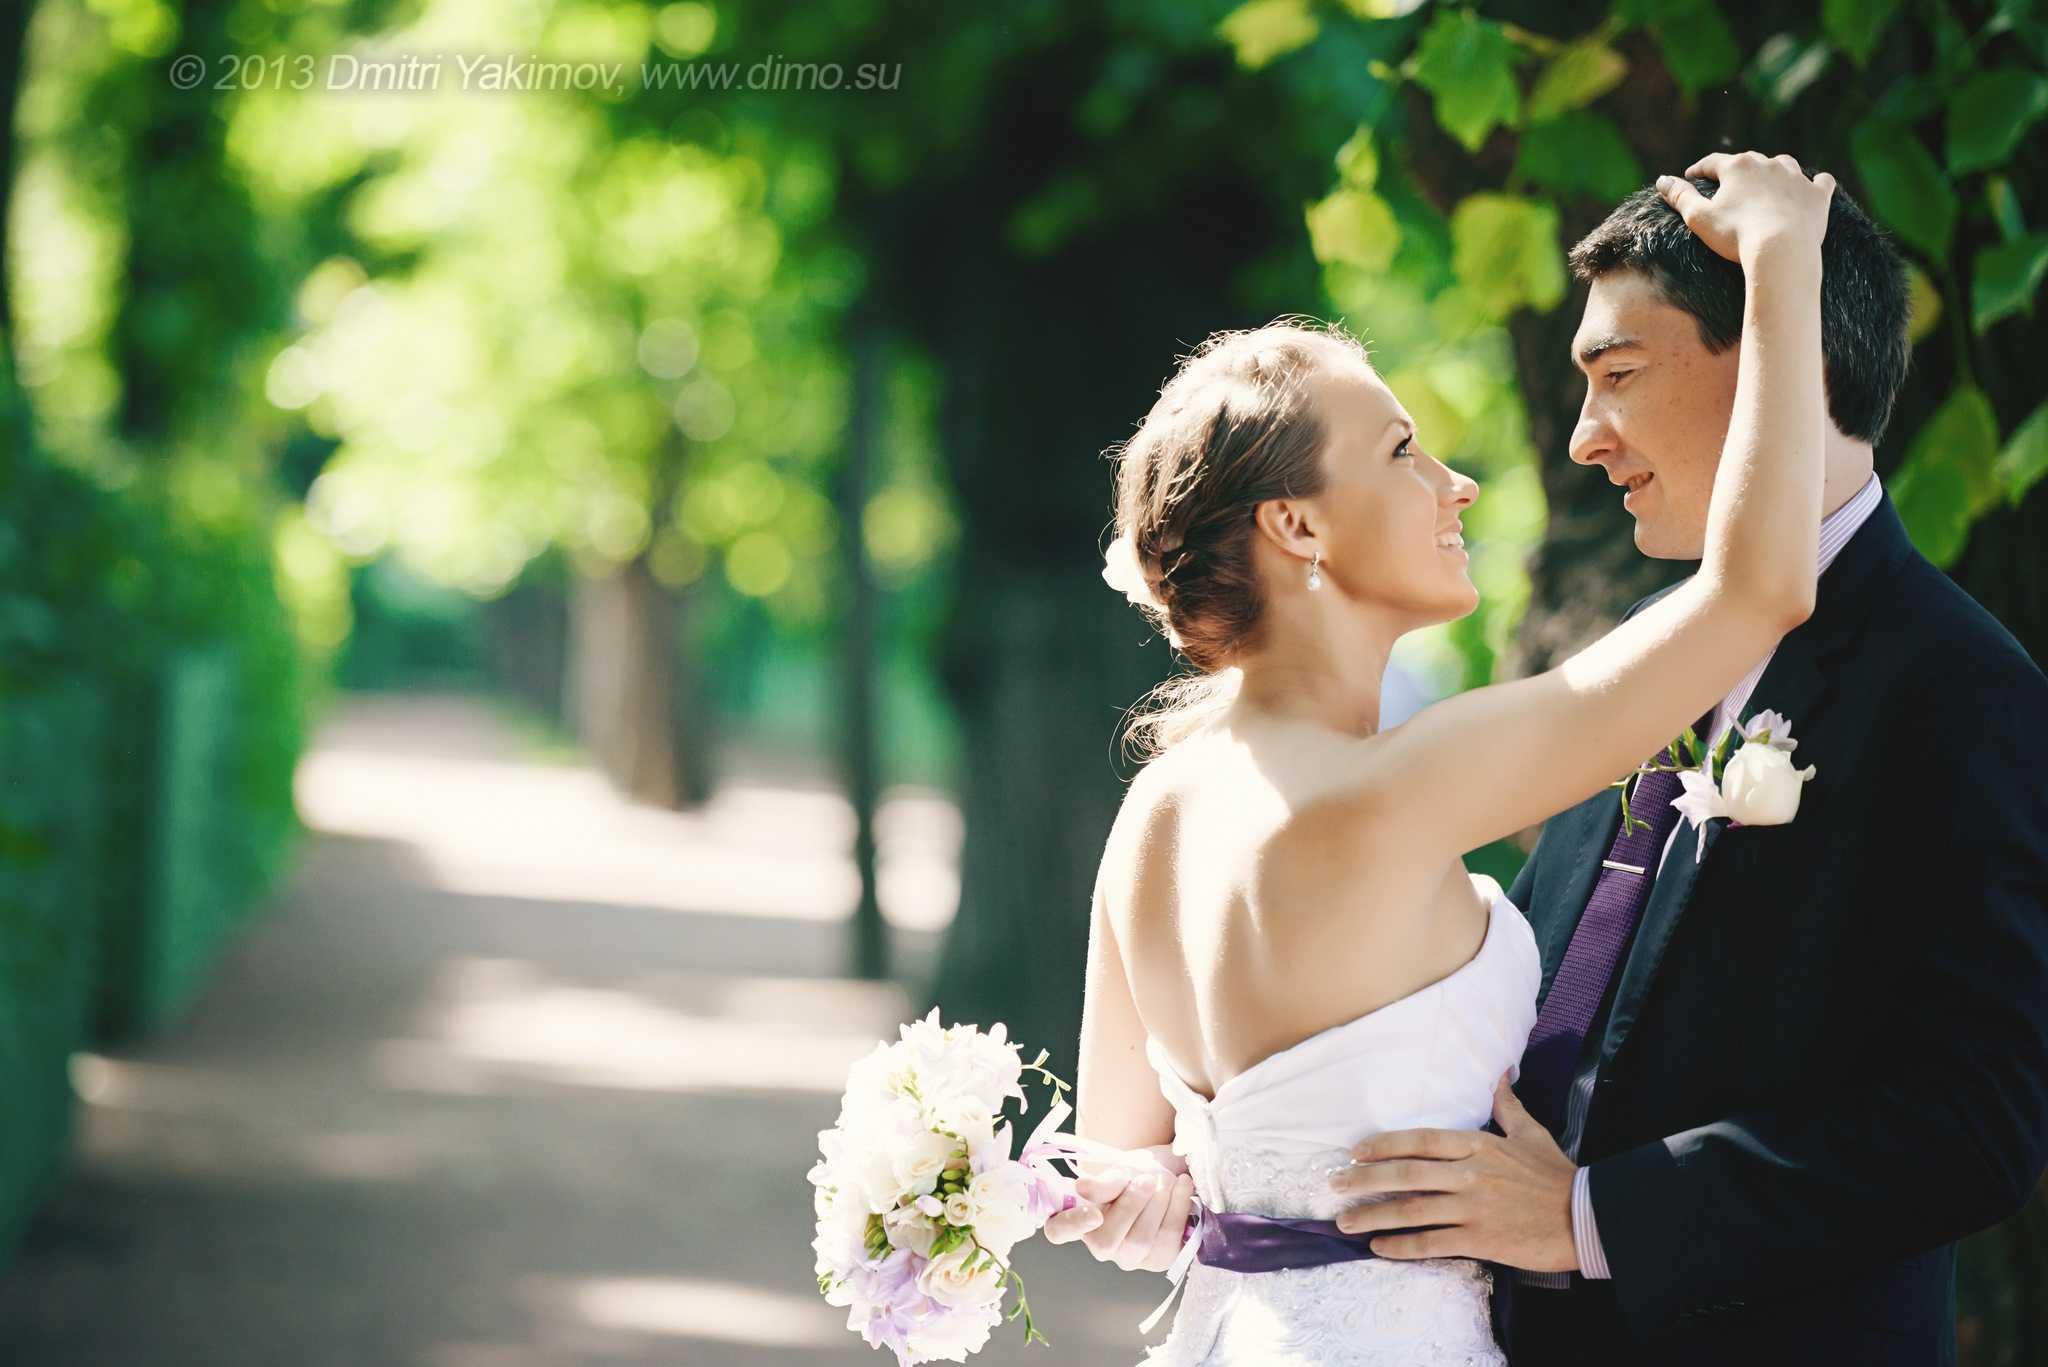 Одиночка на свадьбе